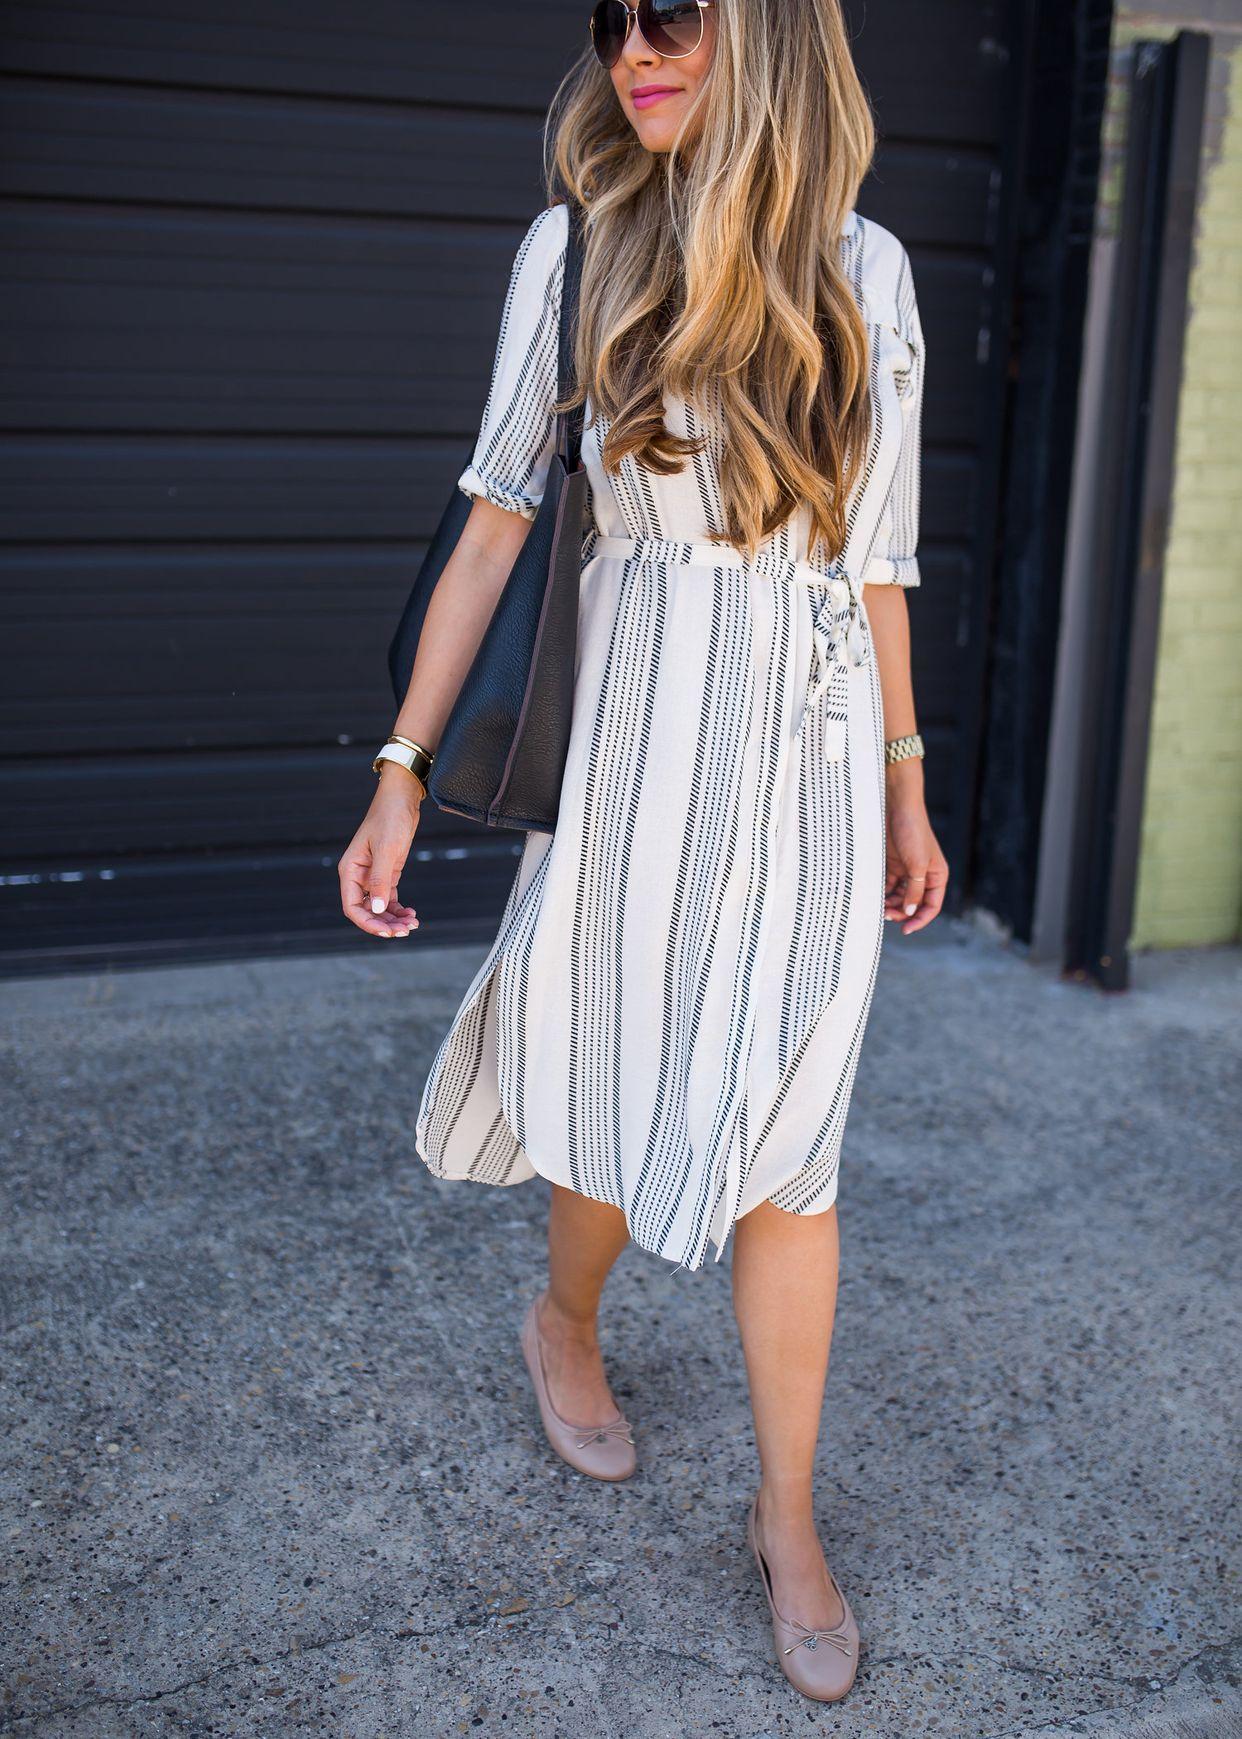 Striped Shirt Dress Classic Flats The Teacher Diva Summer Work Dresses Modest Outfits Fashion [ 1739 x 1242 Pixel ]